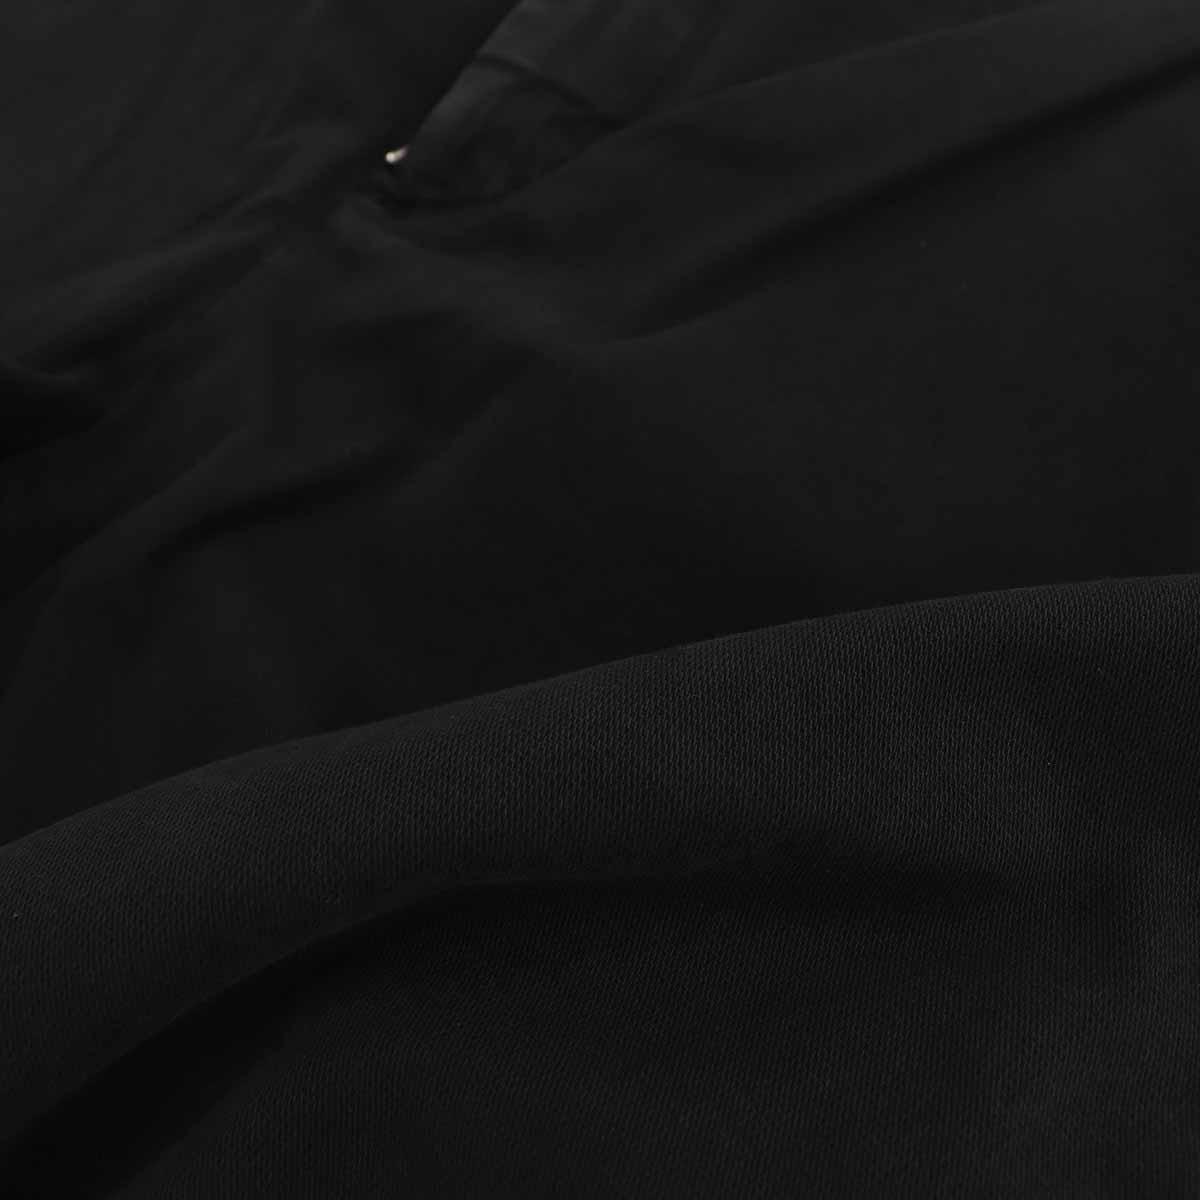 ピーティートリノデニム PT TORINO DENIM ストレッチ テーパード コットンパンツ JUNGLE PTD C5NT01Z00CHN TT28 0990(ブラック) 春夏新作